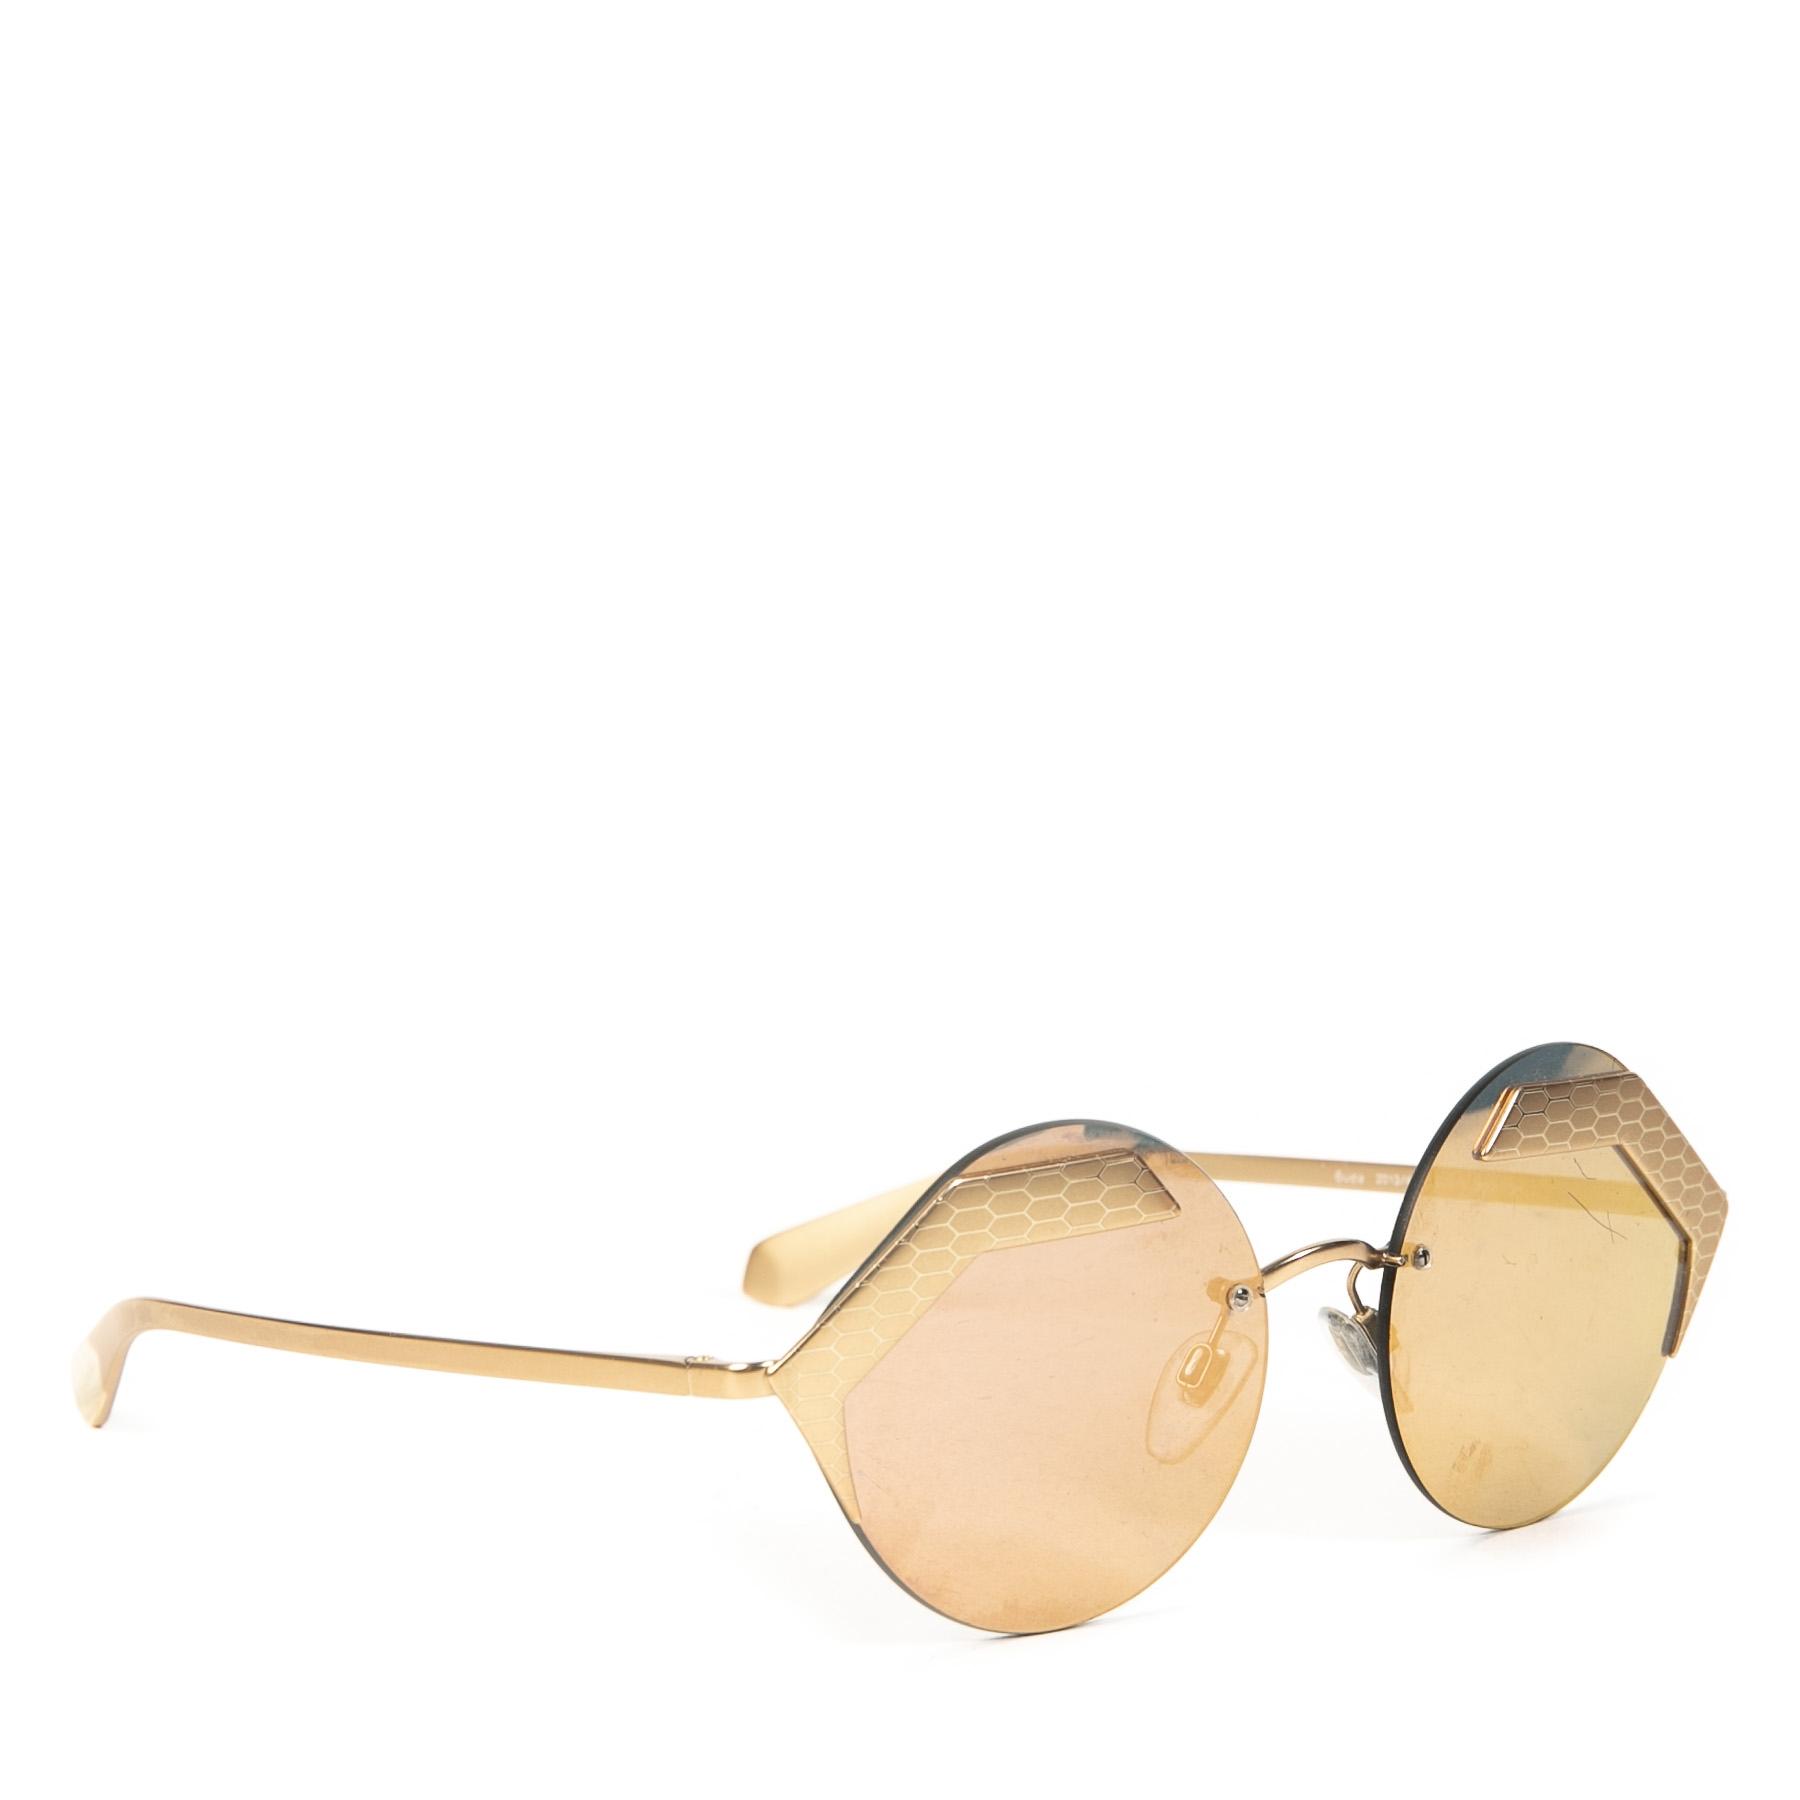 Authentieke Tweedehands Bulgari Silver Serpenti Sunglasses juiste prijs veilig online shoppen luxe merken webshop winkelen Antwerpen België mode fashion